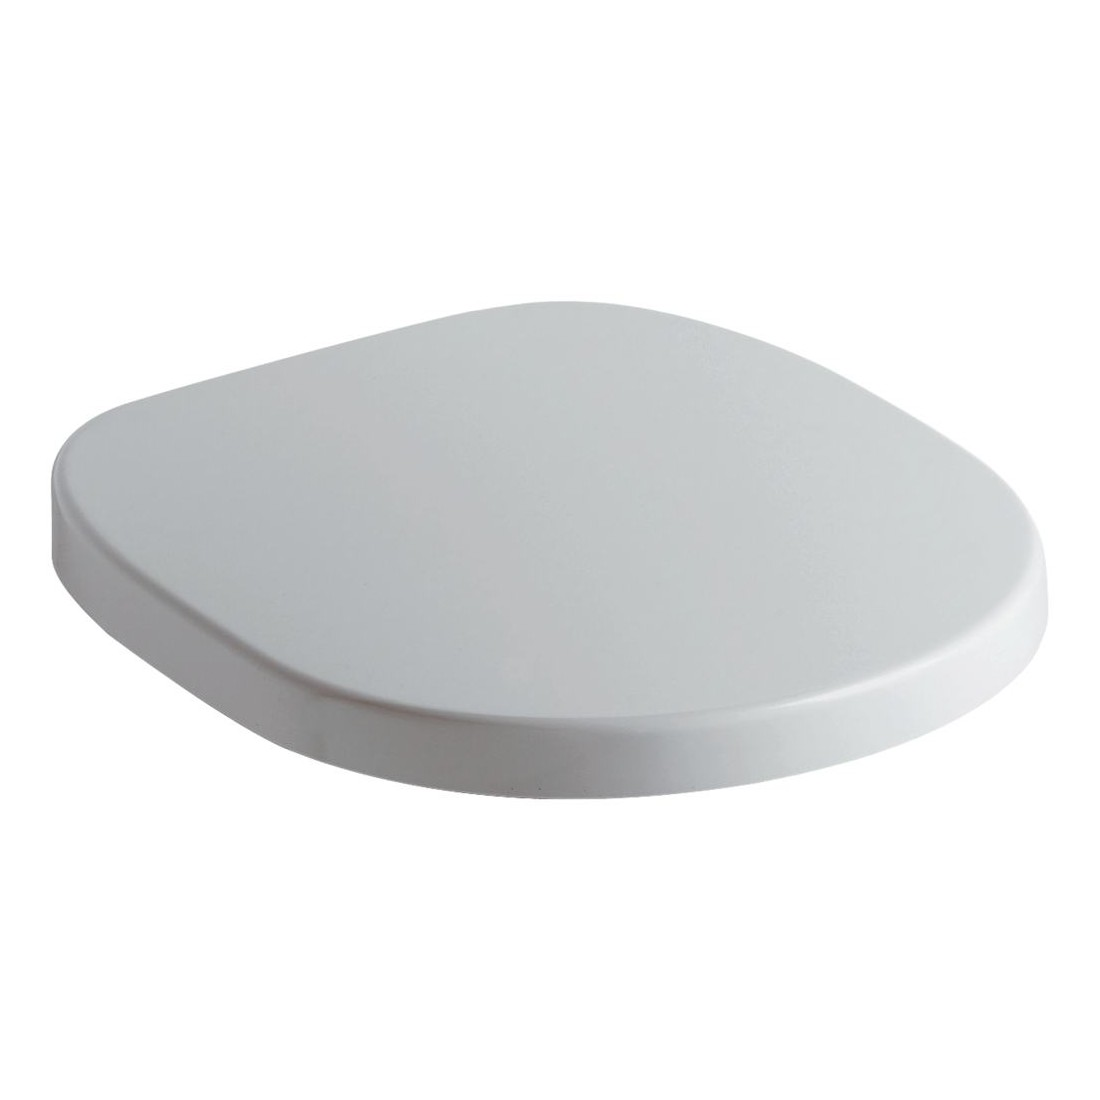 Dangtis WC Ideal Standard Connect, lėtai nusileidžiantis